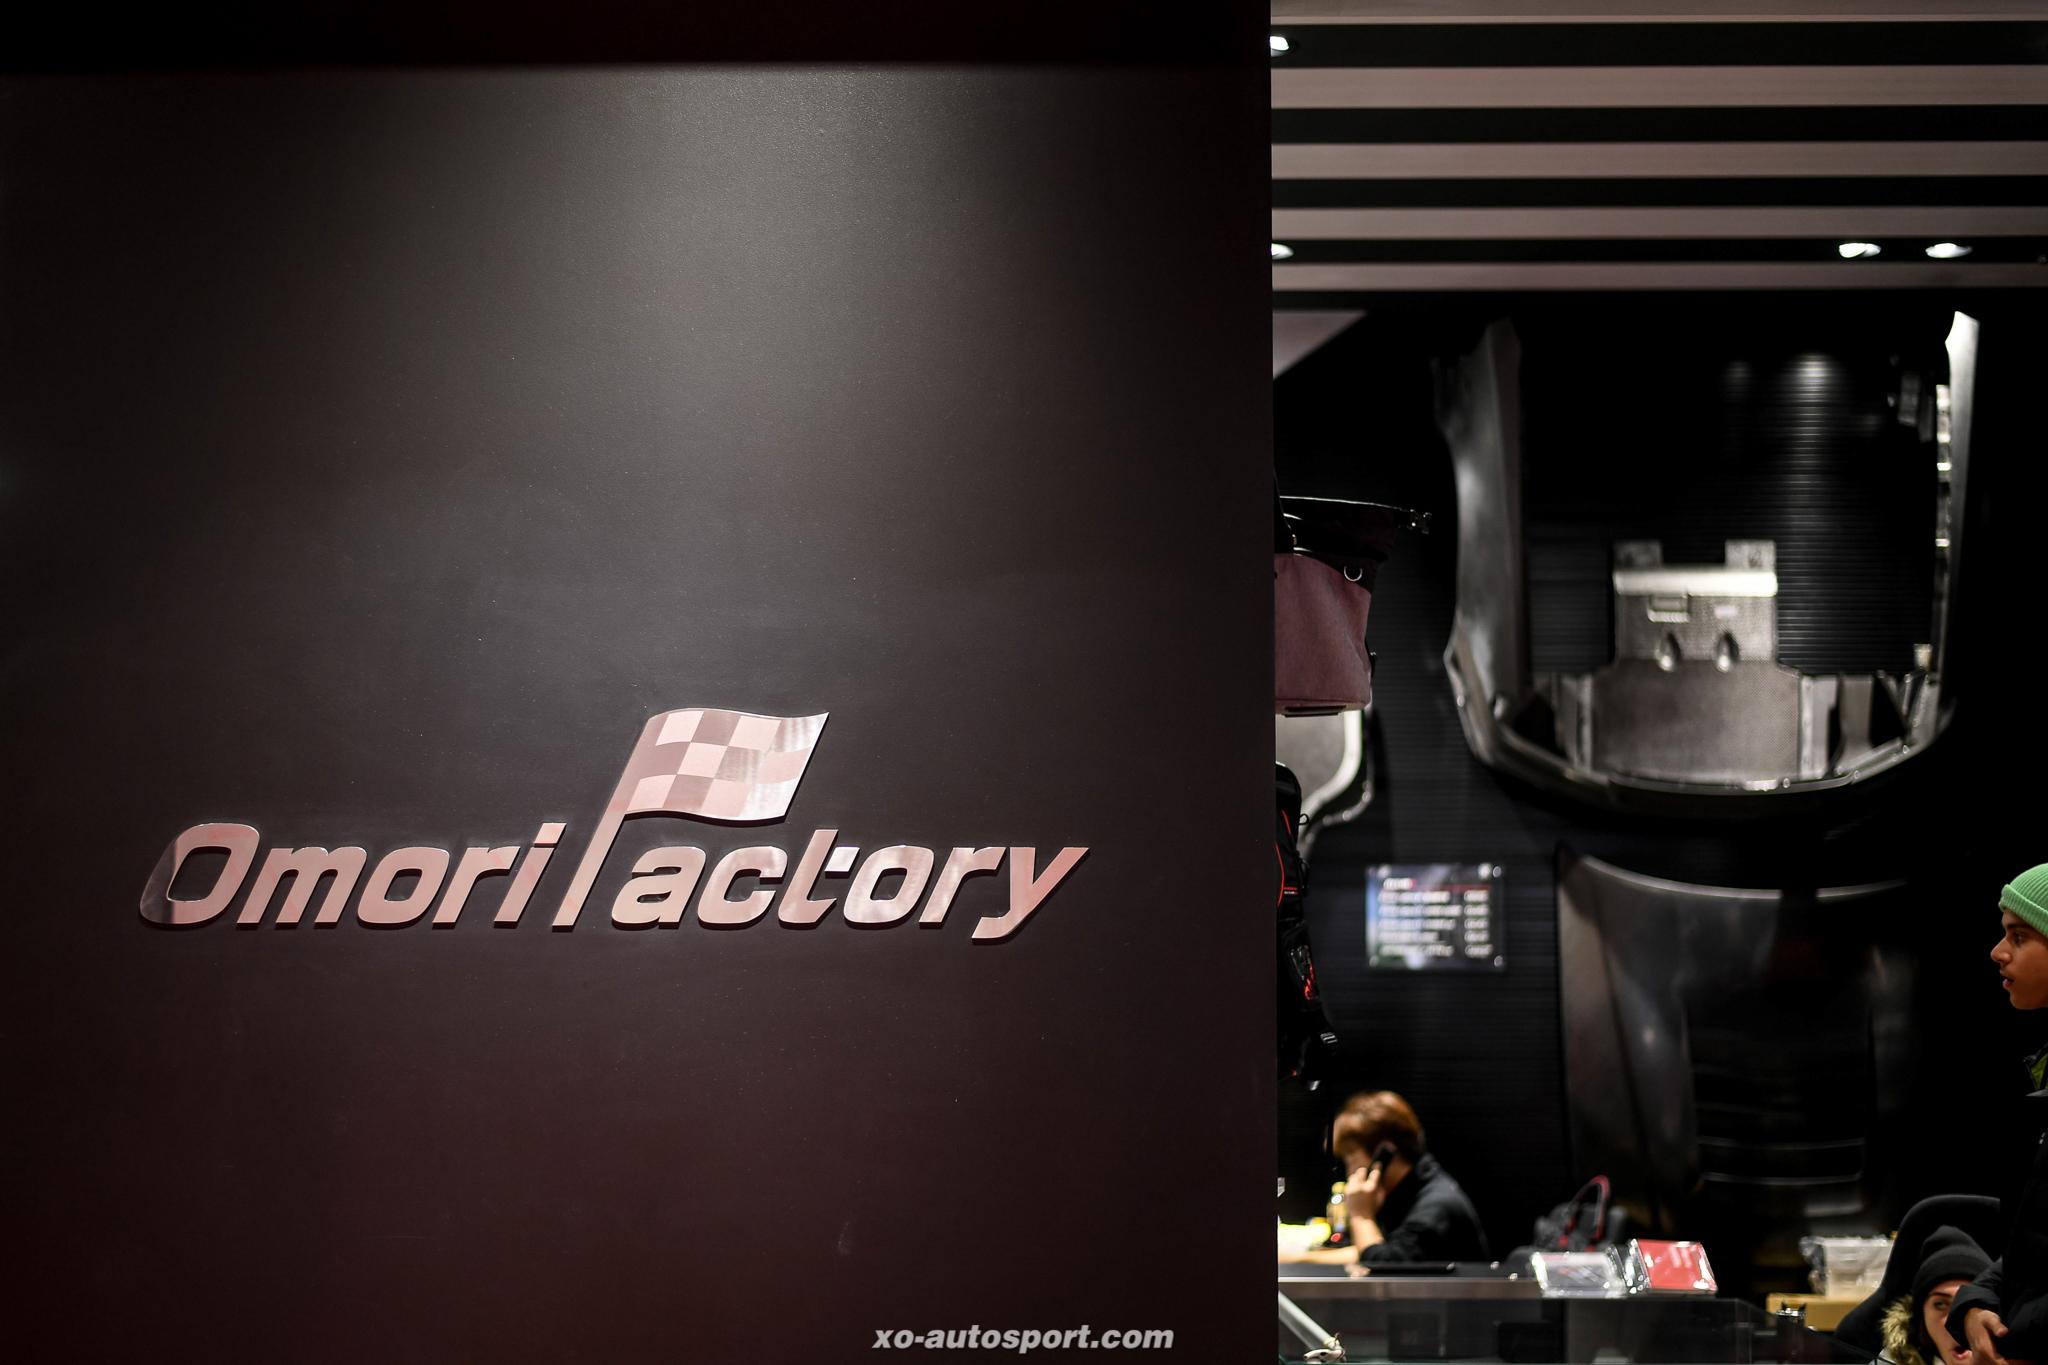 Nismo Omori Factory DSC_1268